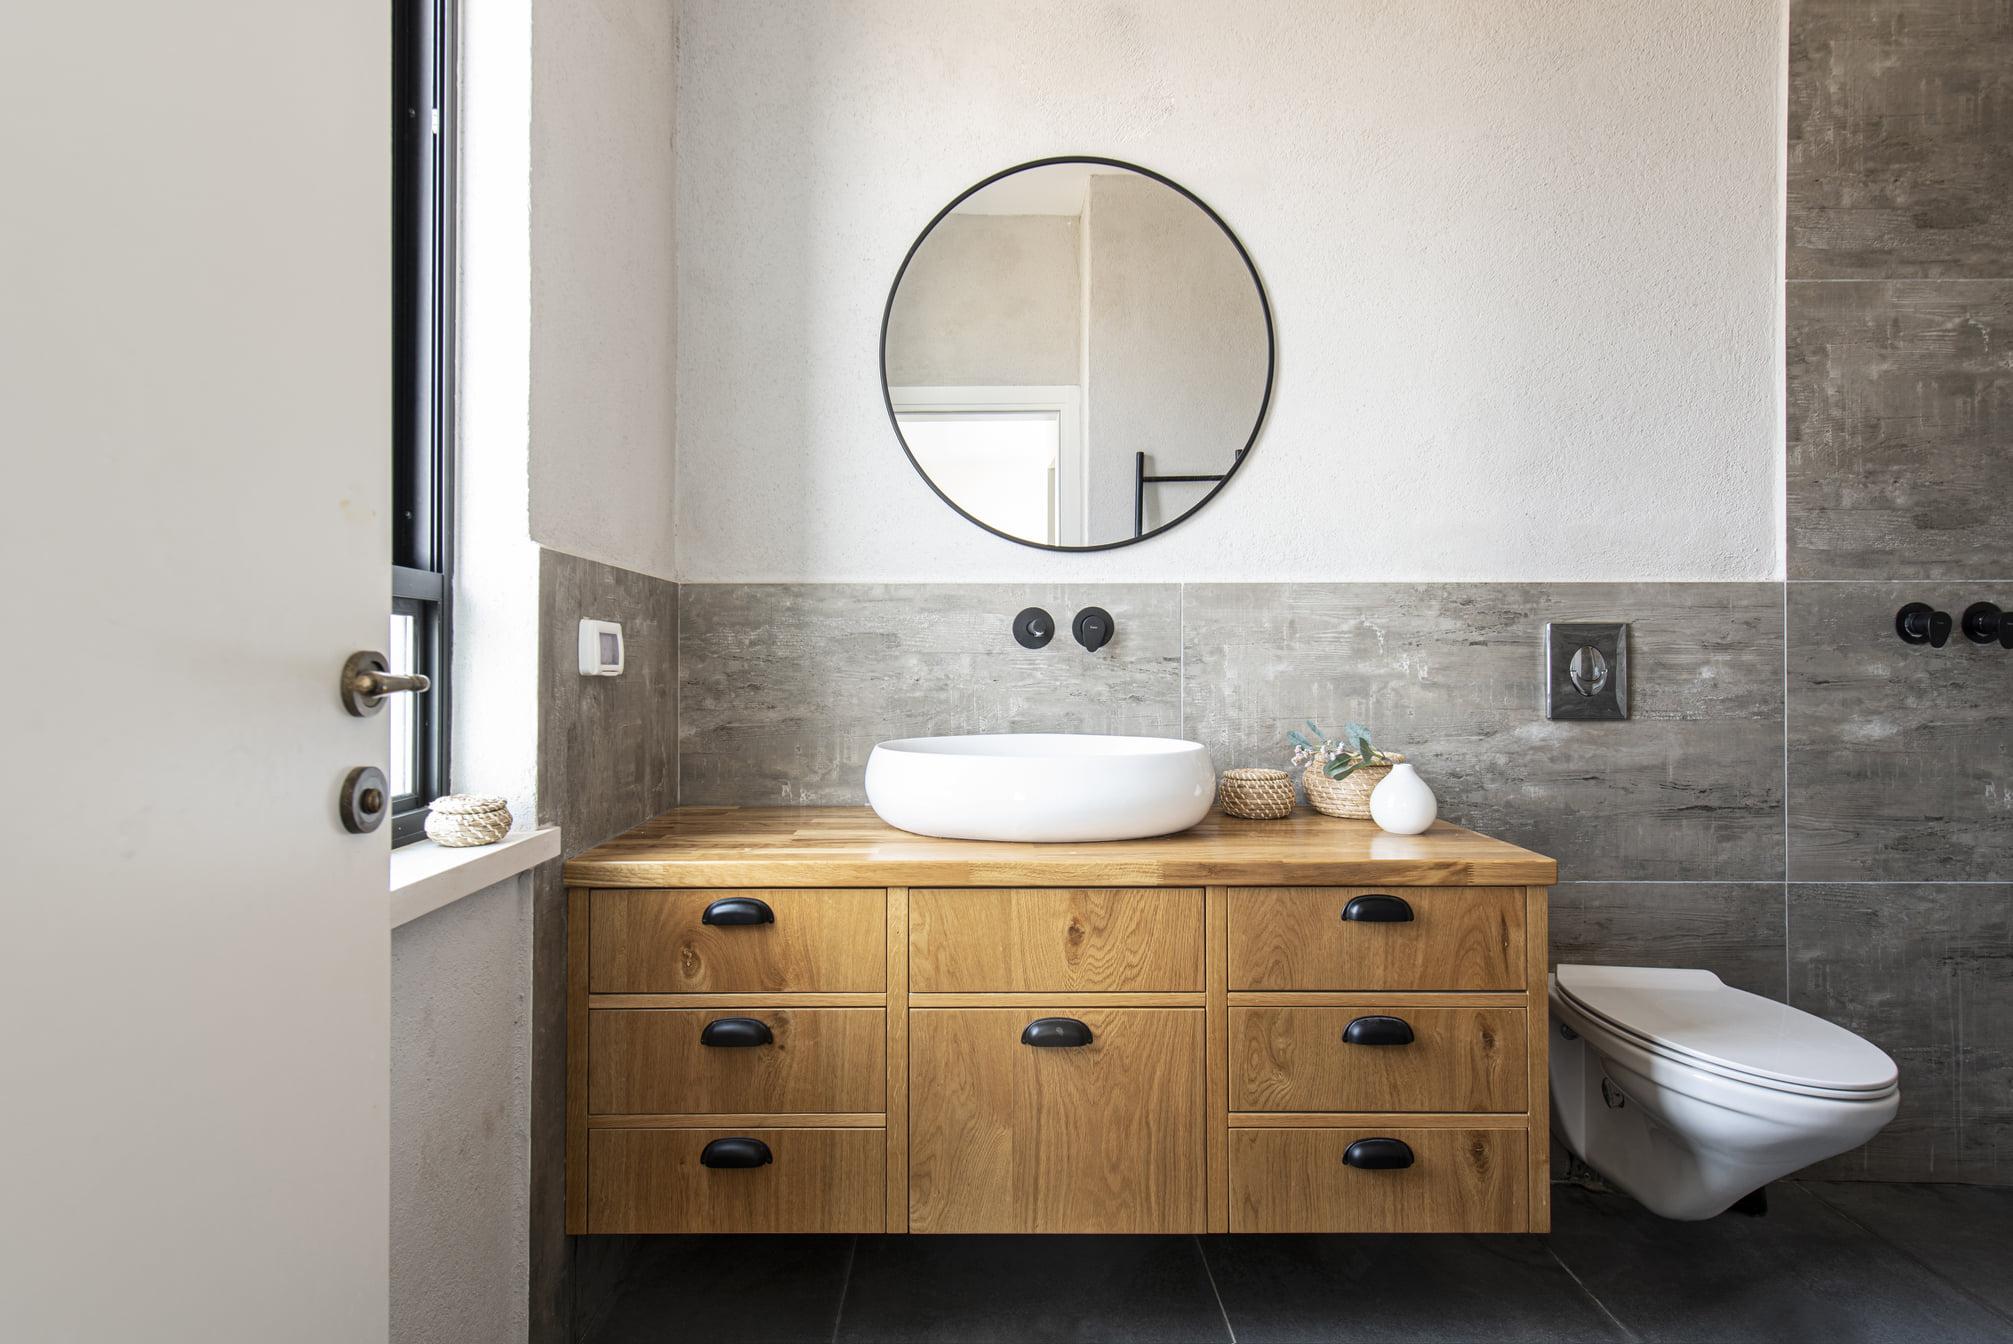 Lincolnshire bathroom contractor